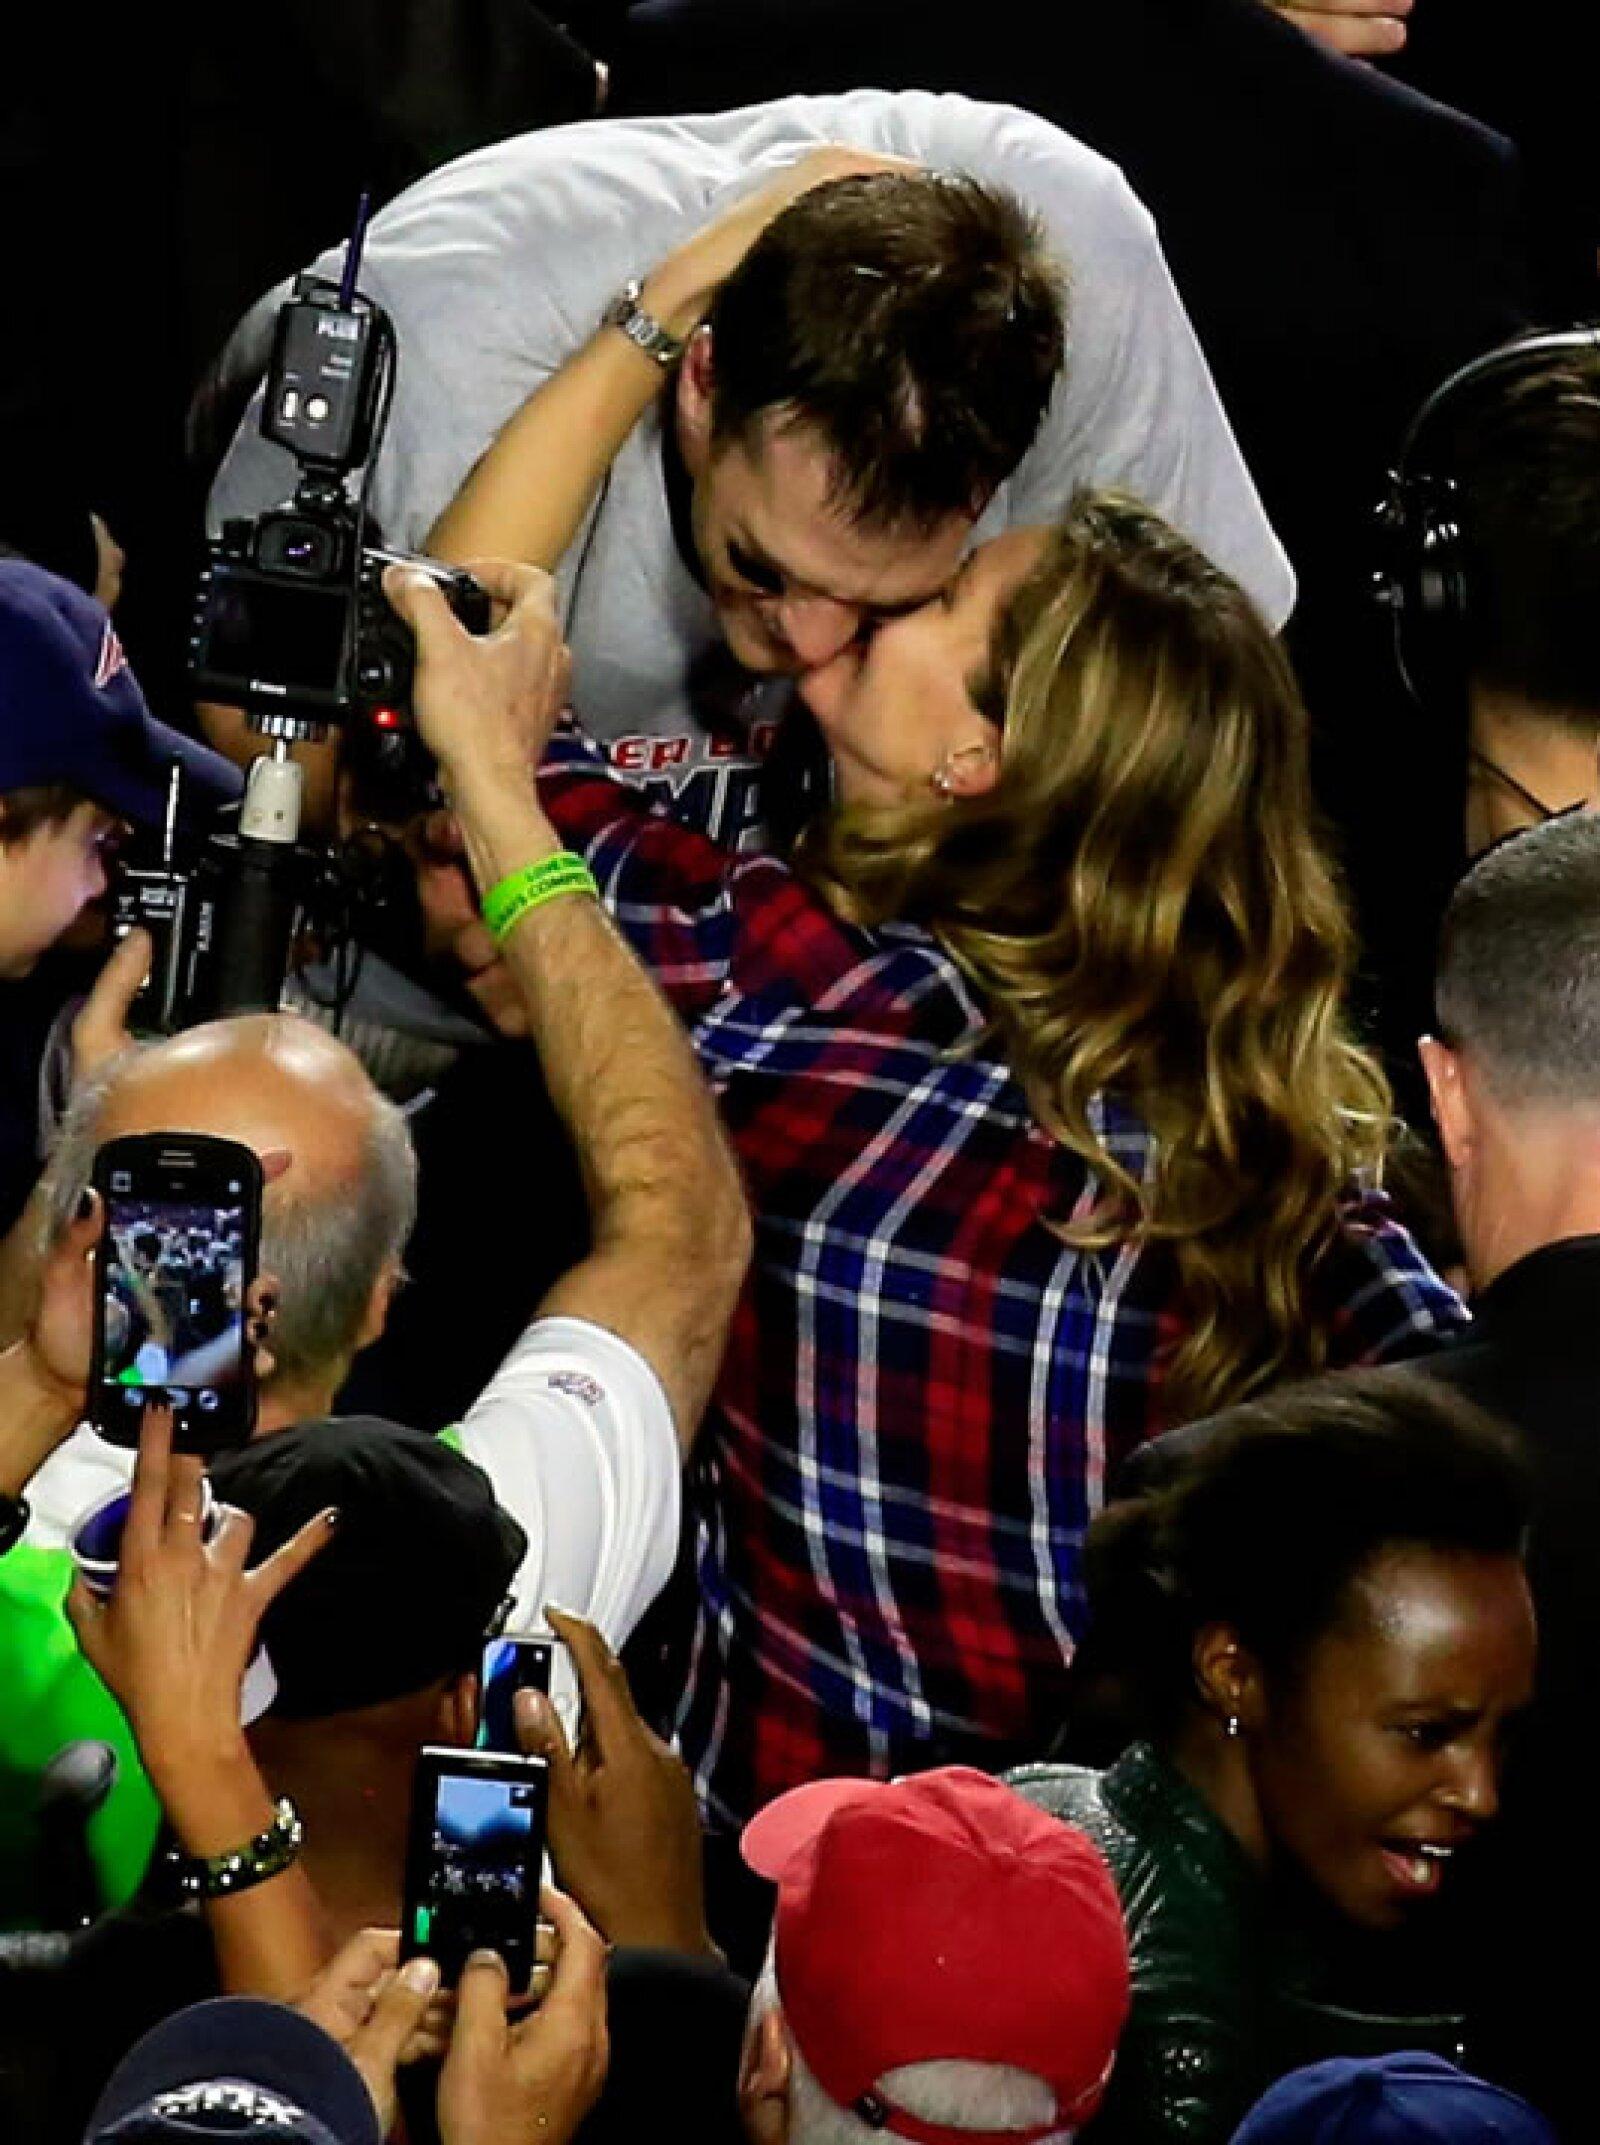 Las cámaras captaron el momento en que Gisele compartía la felicidad por el triunfo de uno de los jugadores estrella del partido Patriots vs Seahawks.